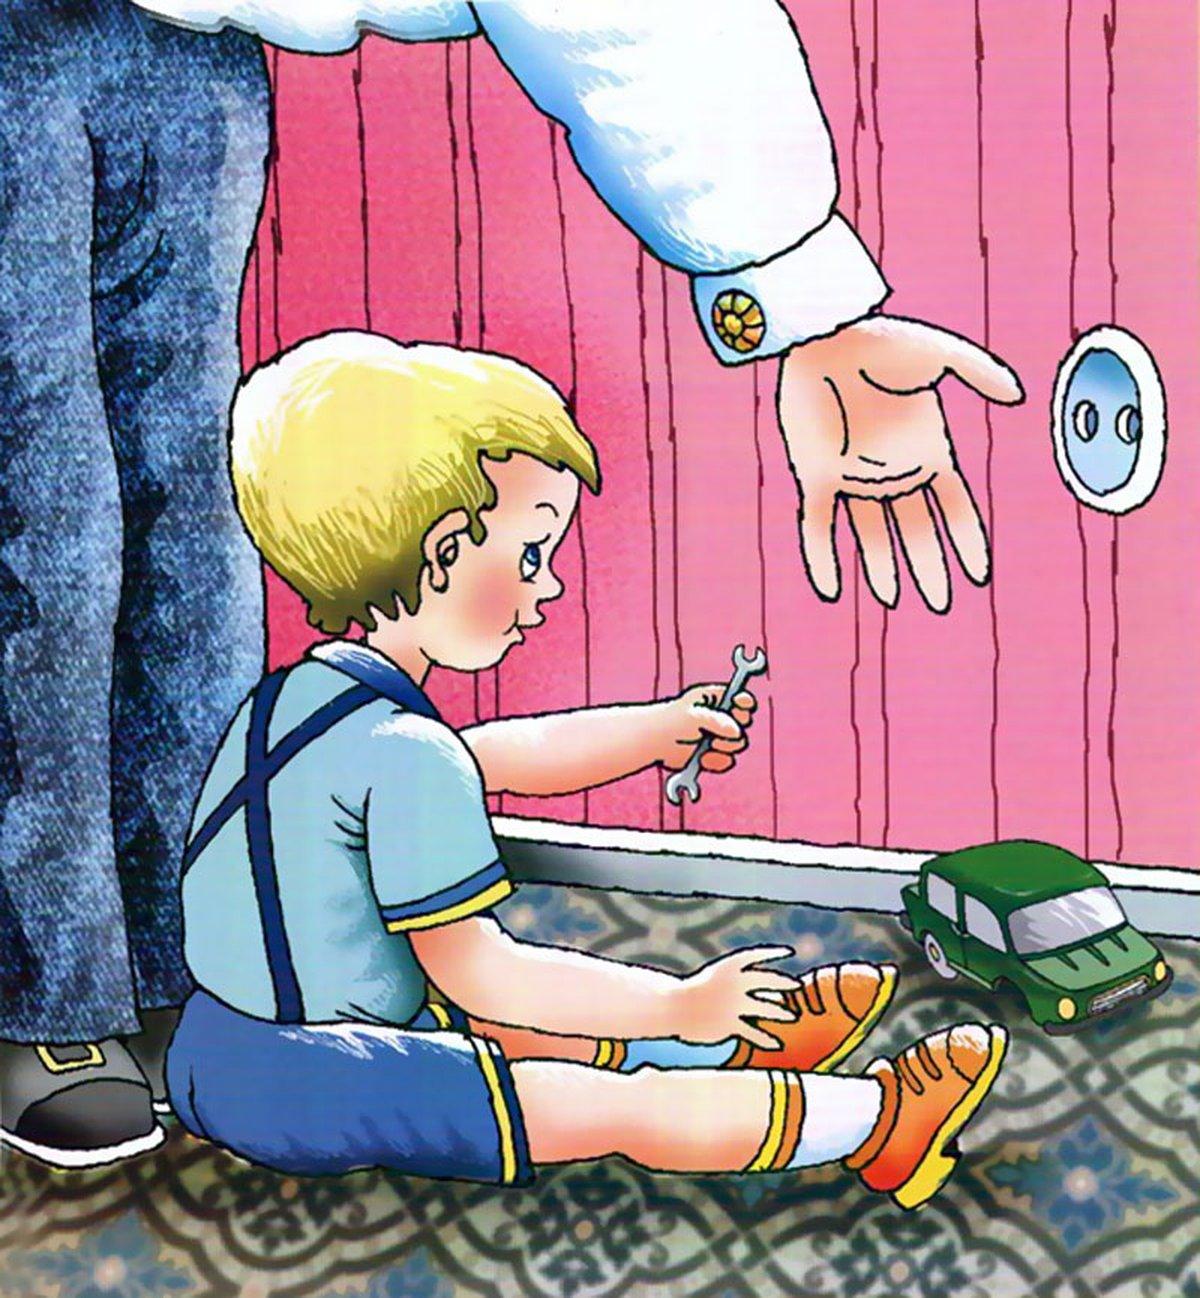 Безопасный дом для ребенка: устанавливаем защитные приспособления